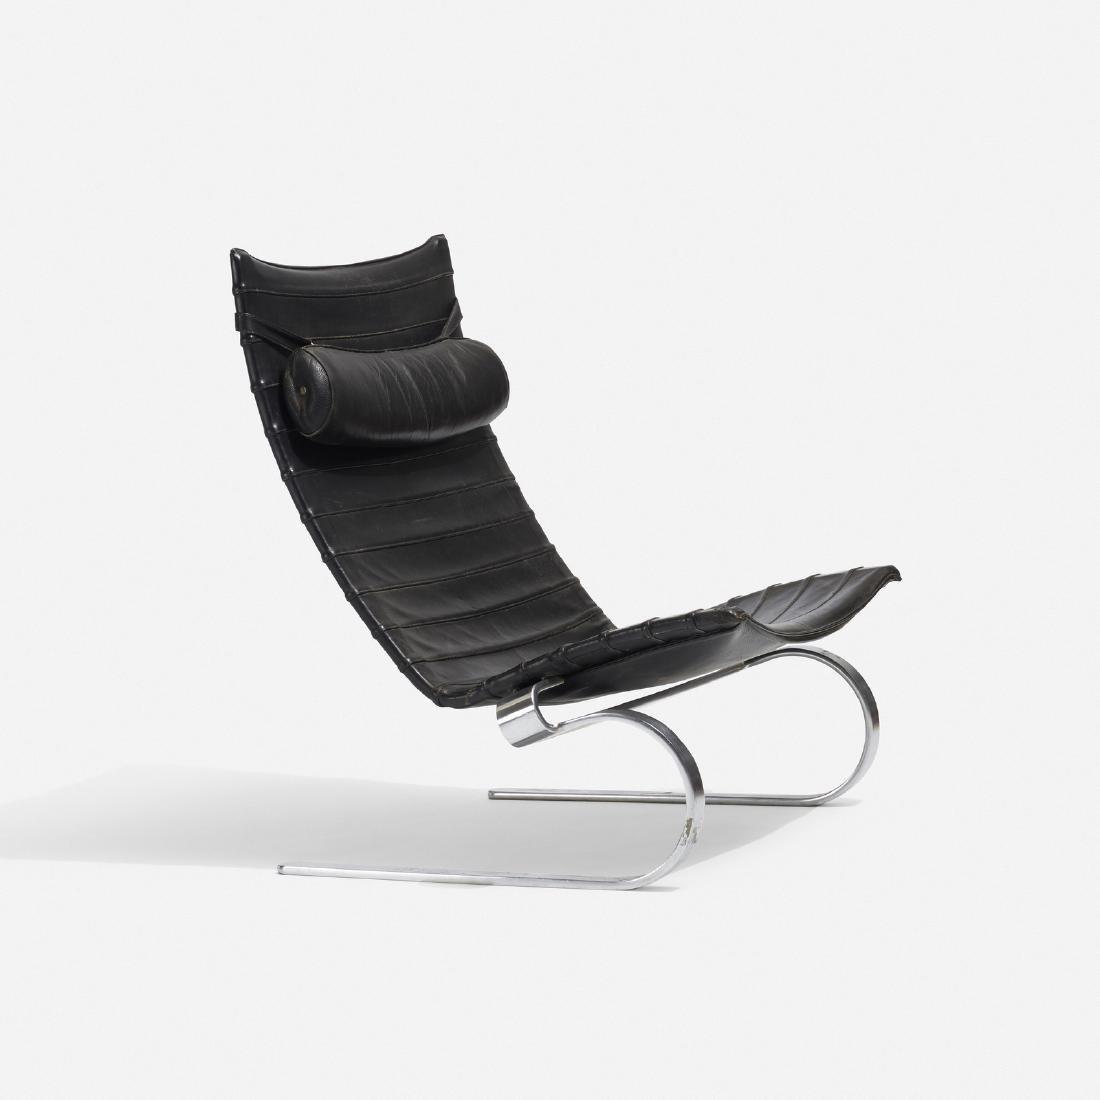 Poul Kjaerholm, PK 20 lounge chair